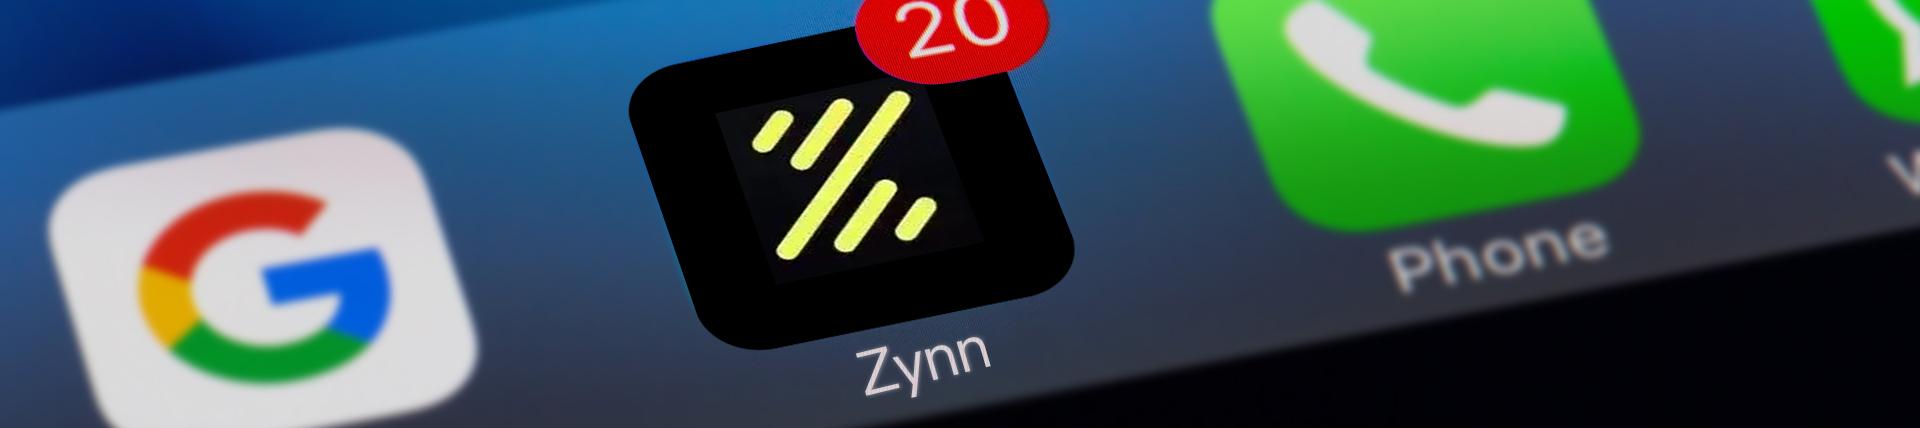 快手推出Zynn对标抖音,域名用的太巧妙!